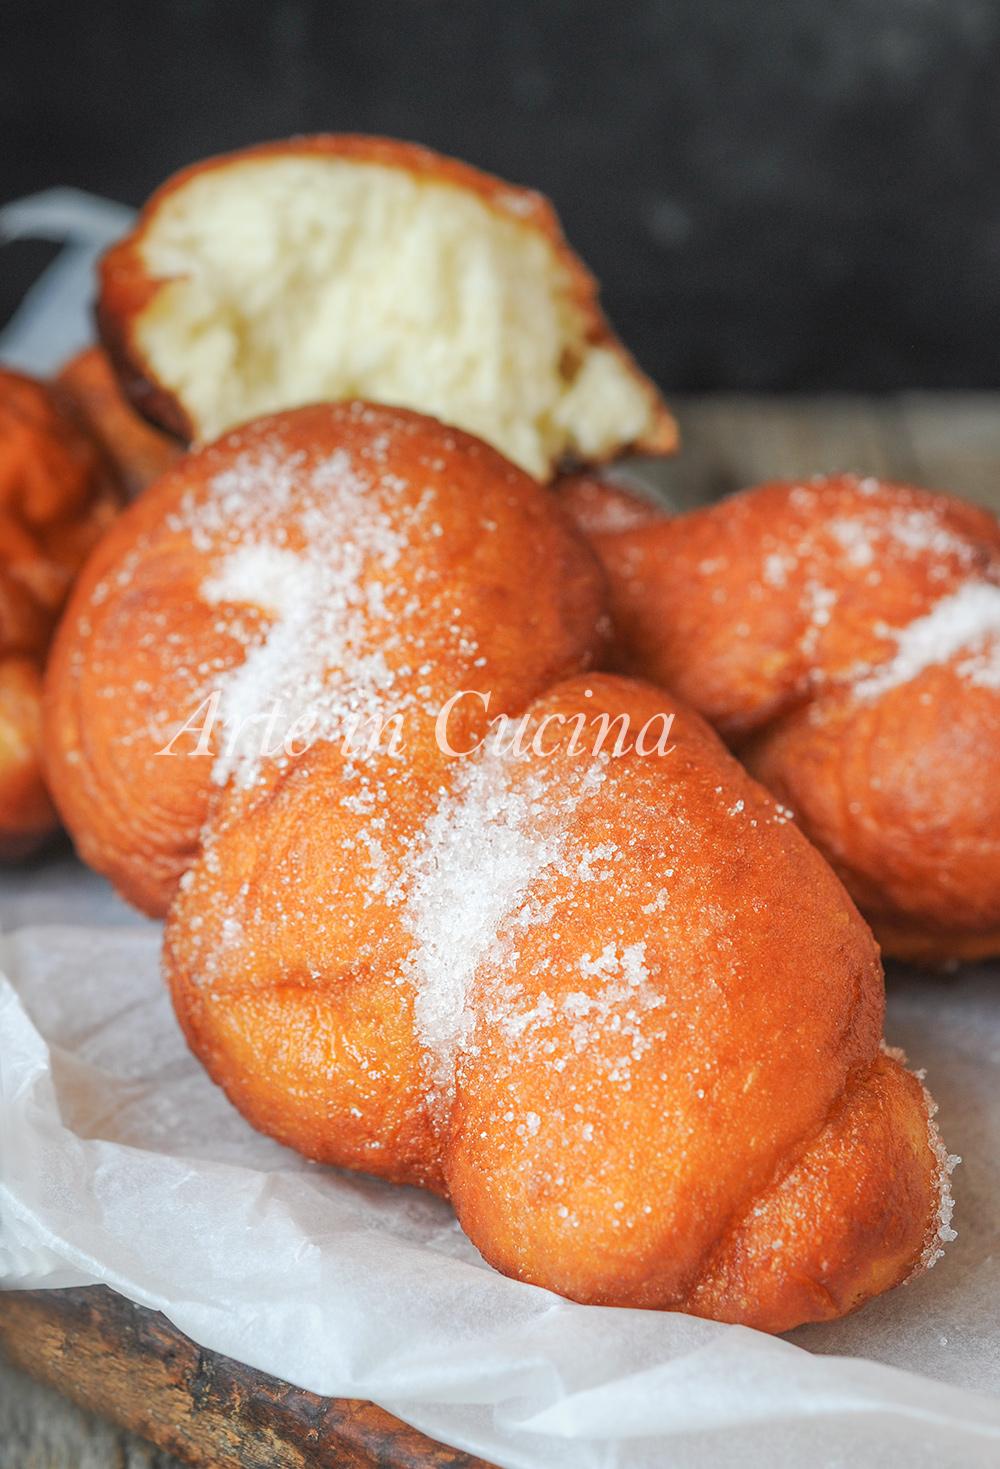 Treccine fritte alla ricotta dolci di carnevale vickyart arte in cucina